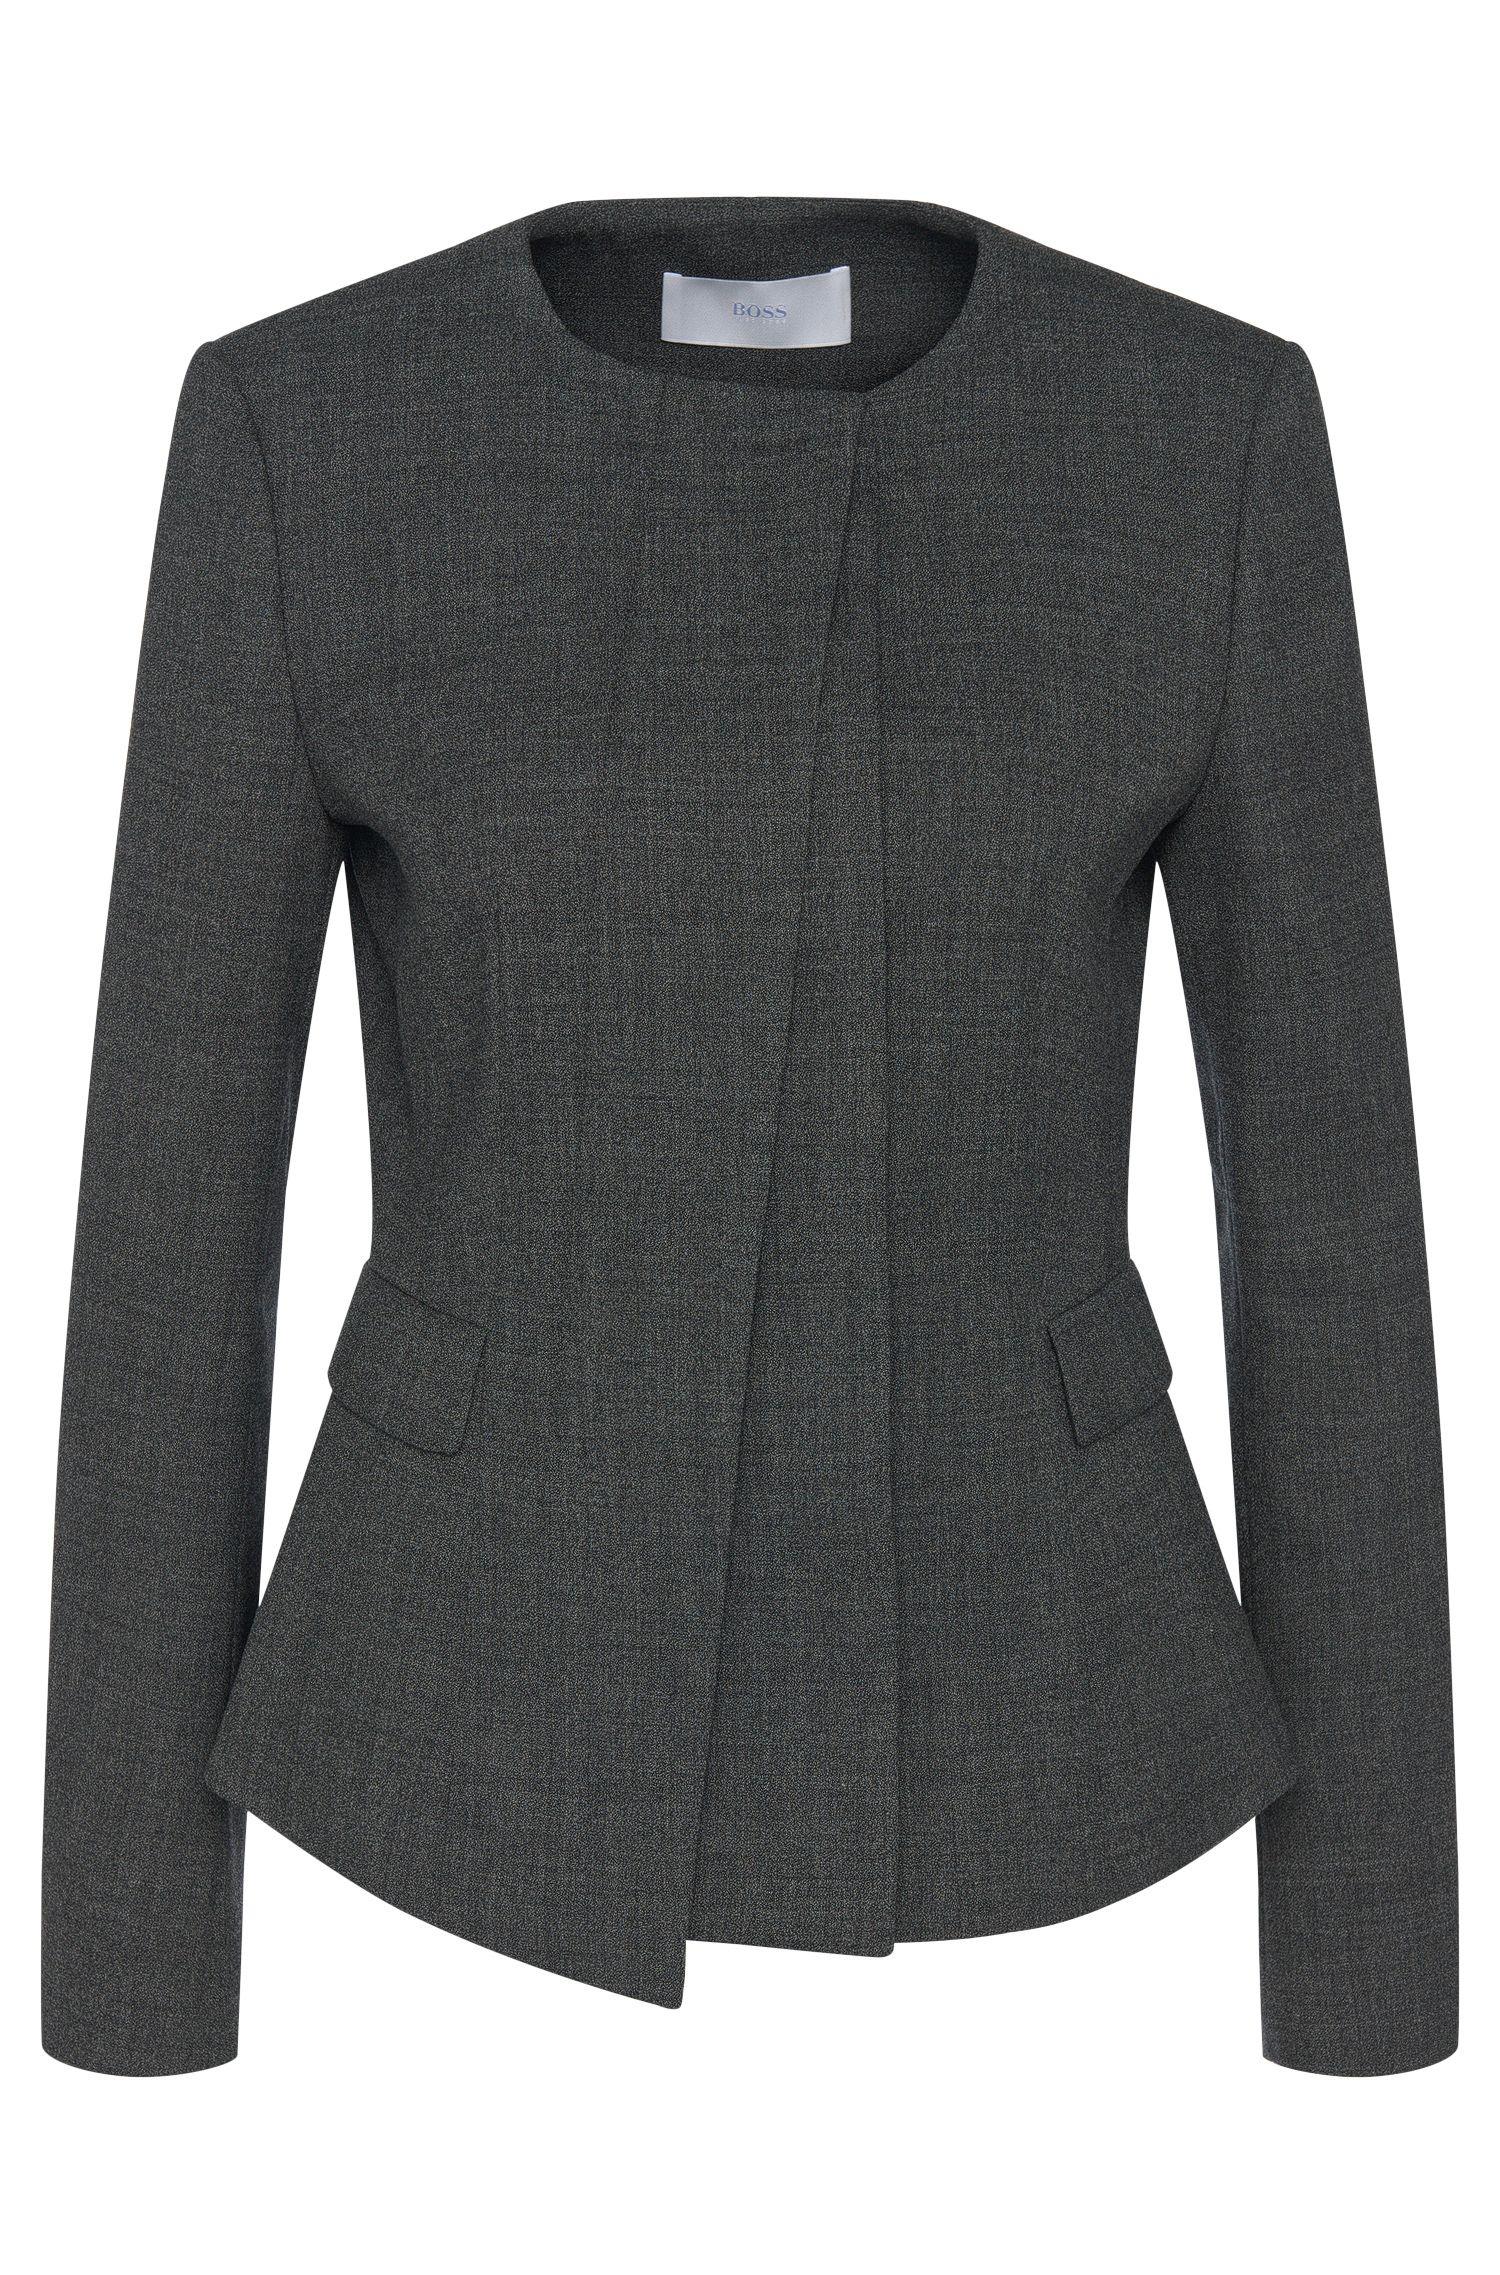 'Jadela' | Stretch Virgin Wool Asymmetrical Blazer